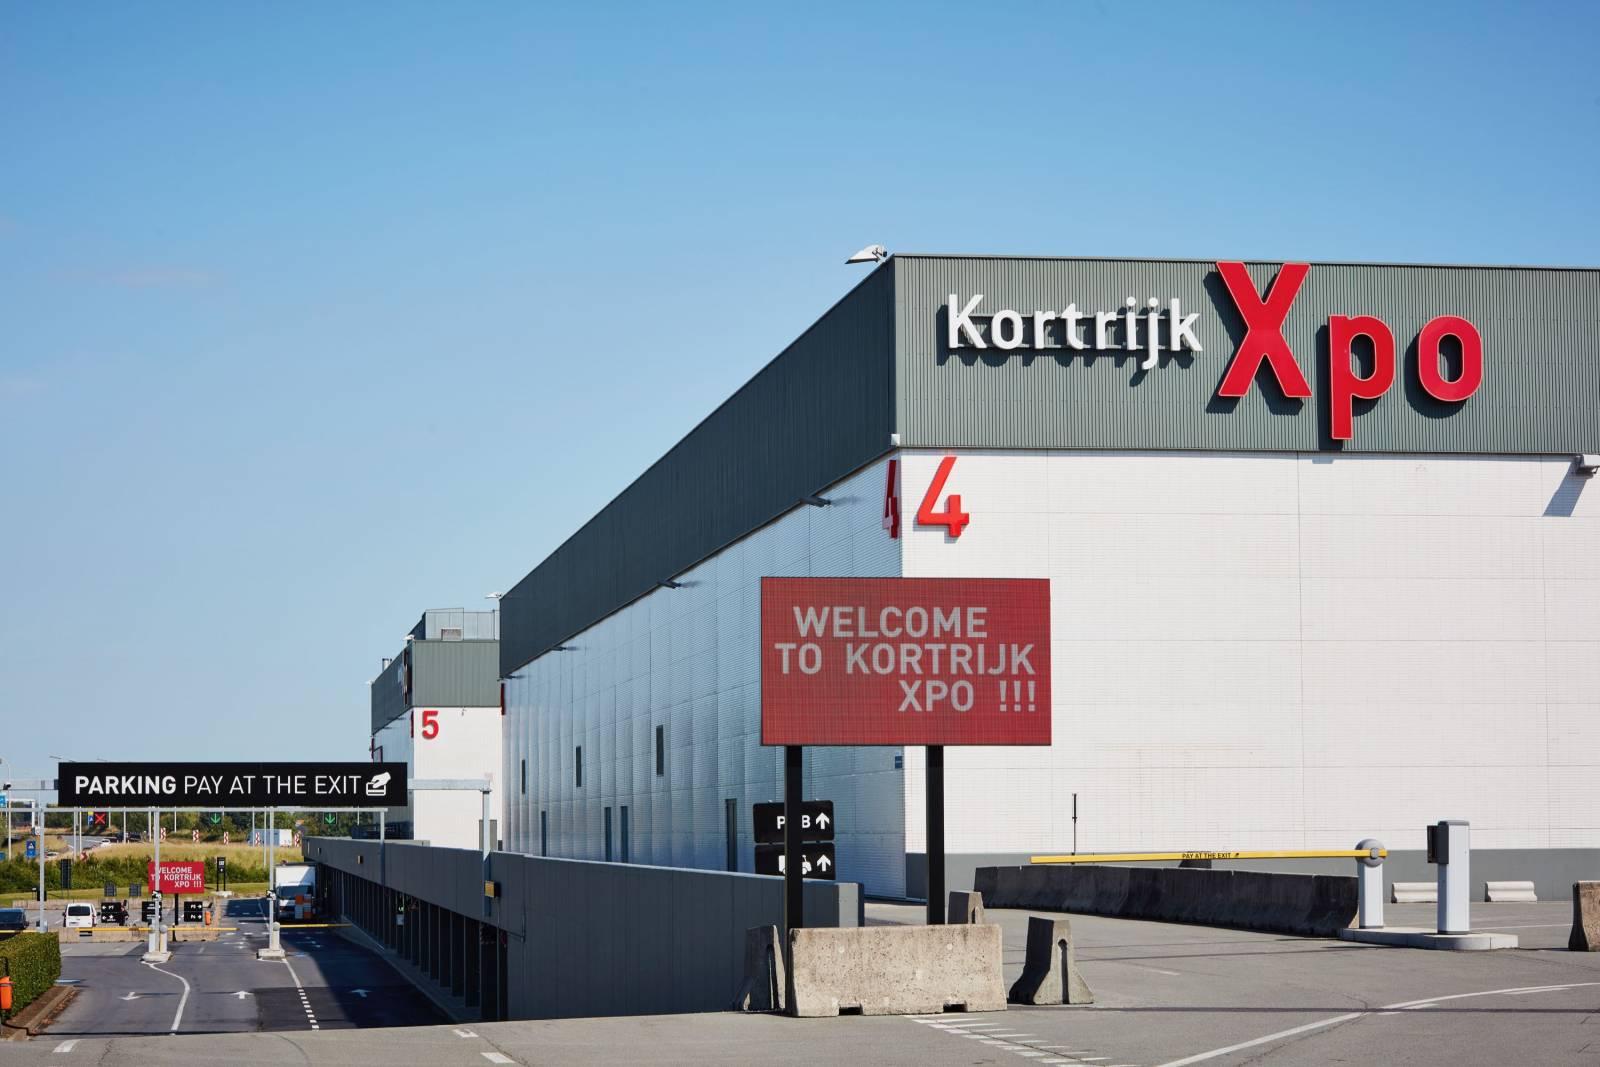 Kortrijk Xpo - Eventlocatie - Feestzaal - Kortrijk - Expohal - House of Events - 26